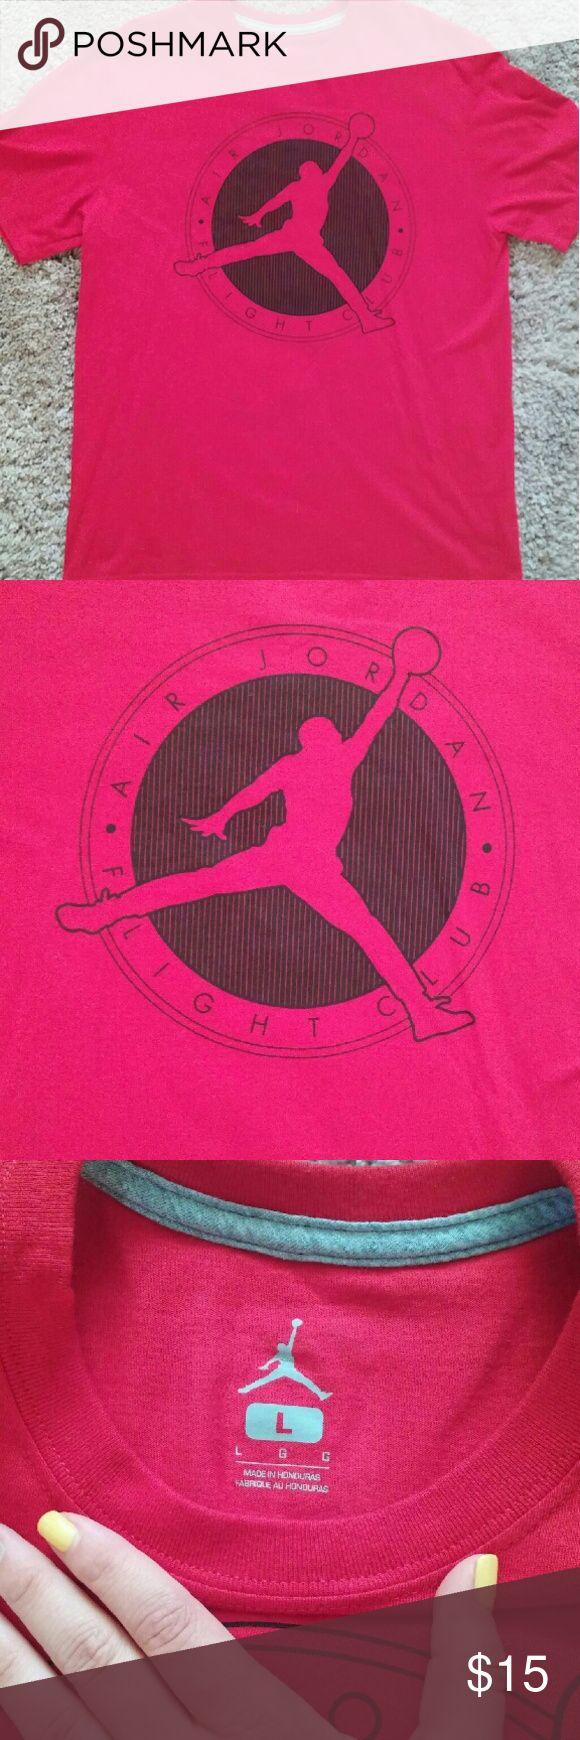 Men's Jordan Tee Men's Jordan tee, never worn. Jordan Shirts Tees - Short Sleeve